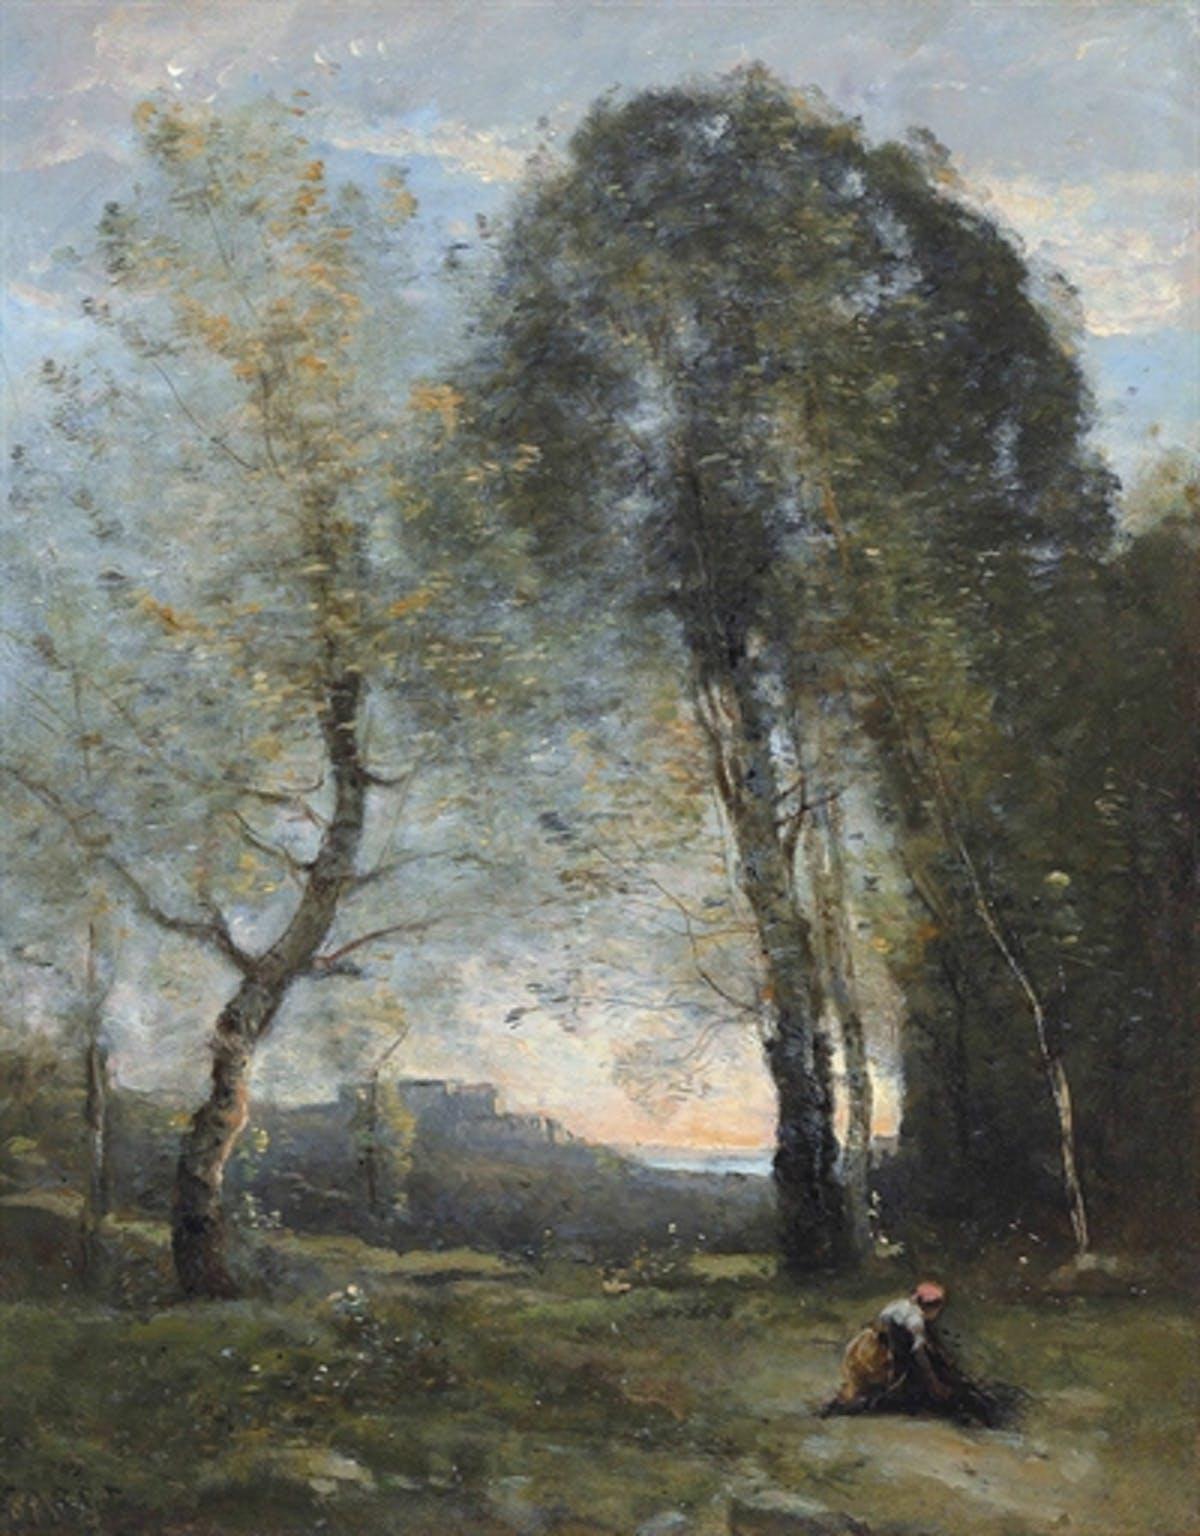 Jean-Baptiste Corot, « Souvenir d'Italie. Paysanne ramassant du bois », huile sur toile